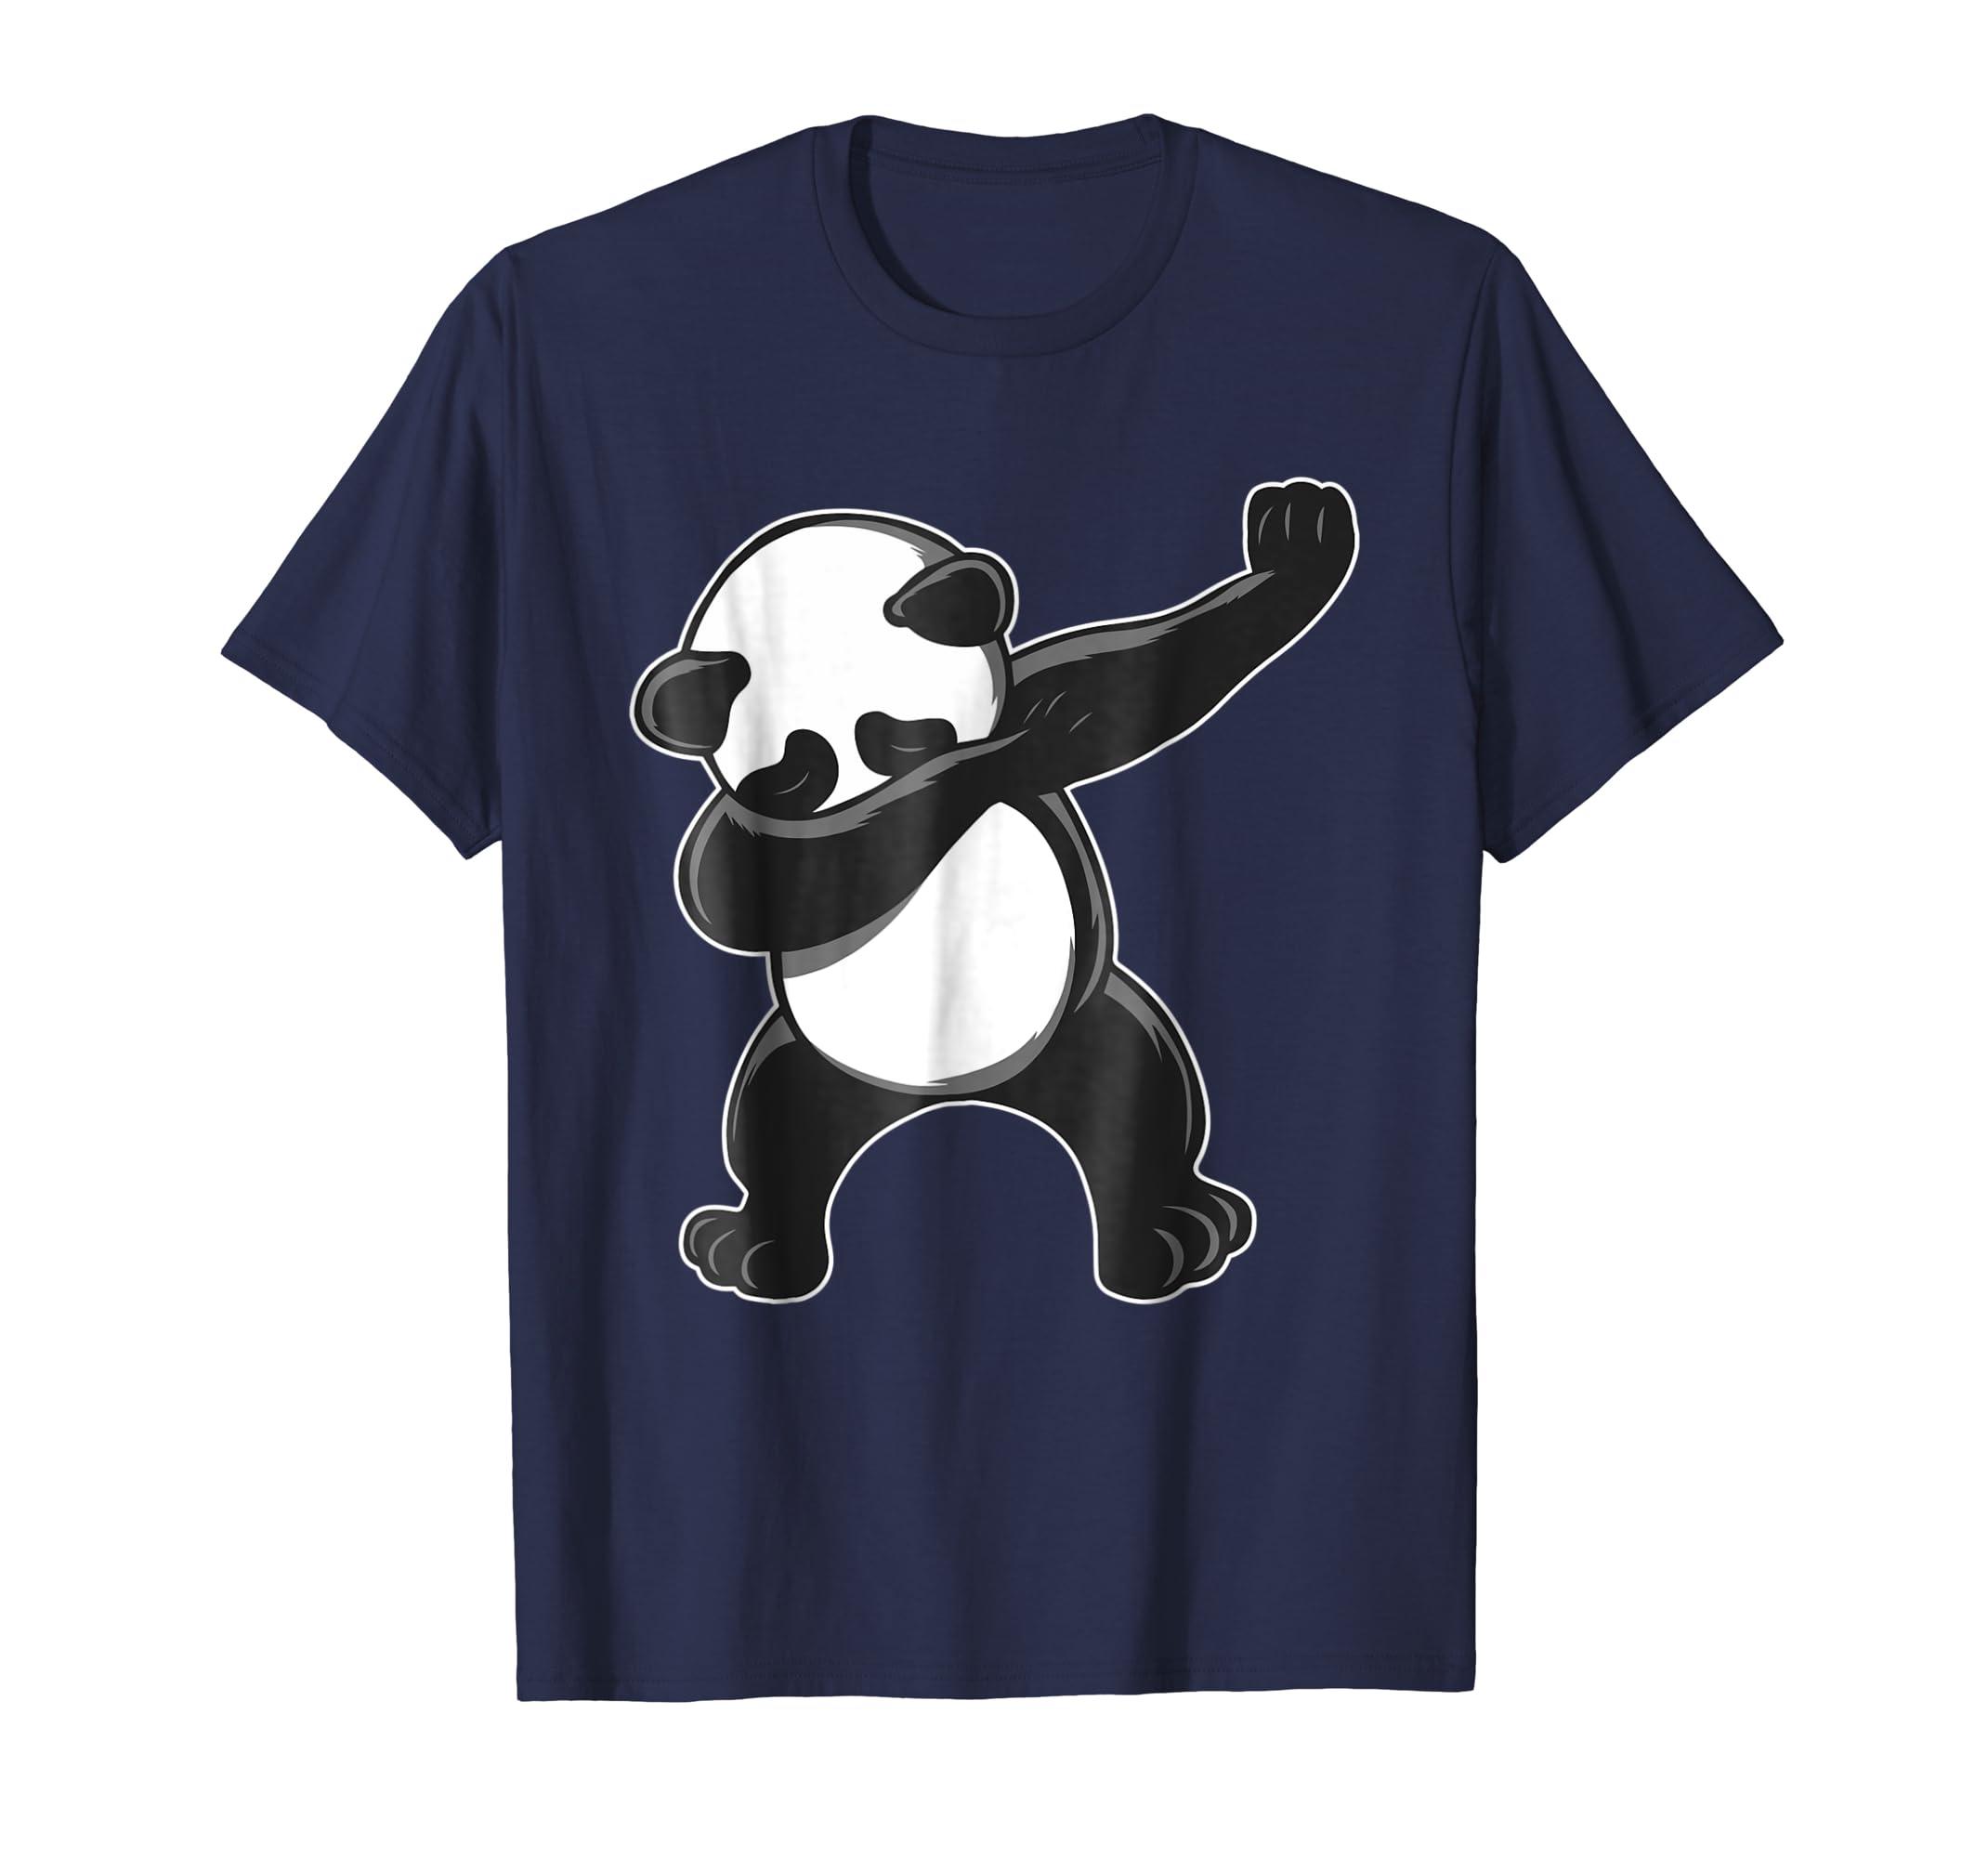 b61e8e406 Amazon.com: Funny Panda Dab Shirt - Dabbing Panda T-Shirt - Panda Tee:  Clothing